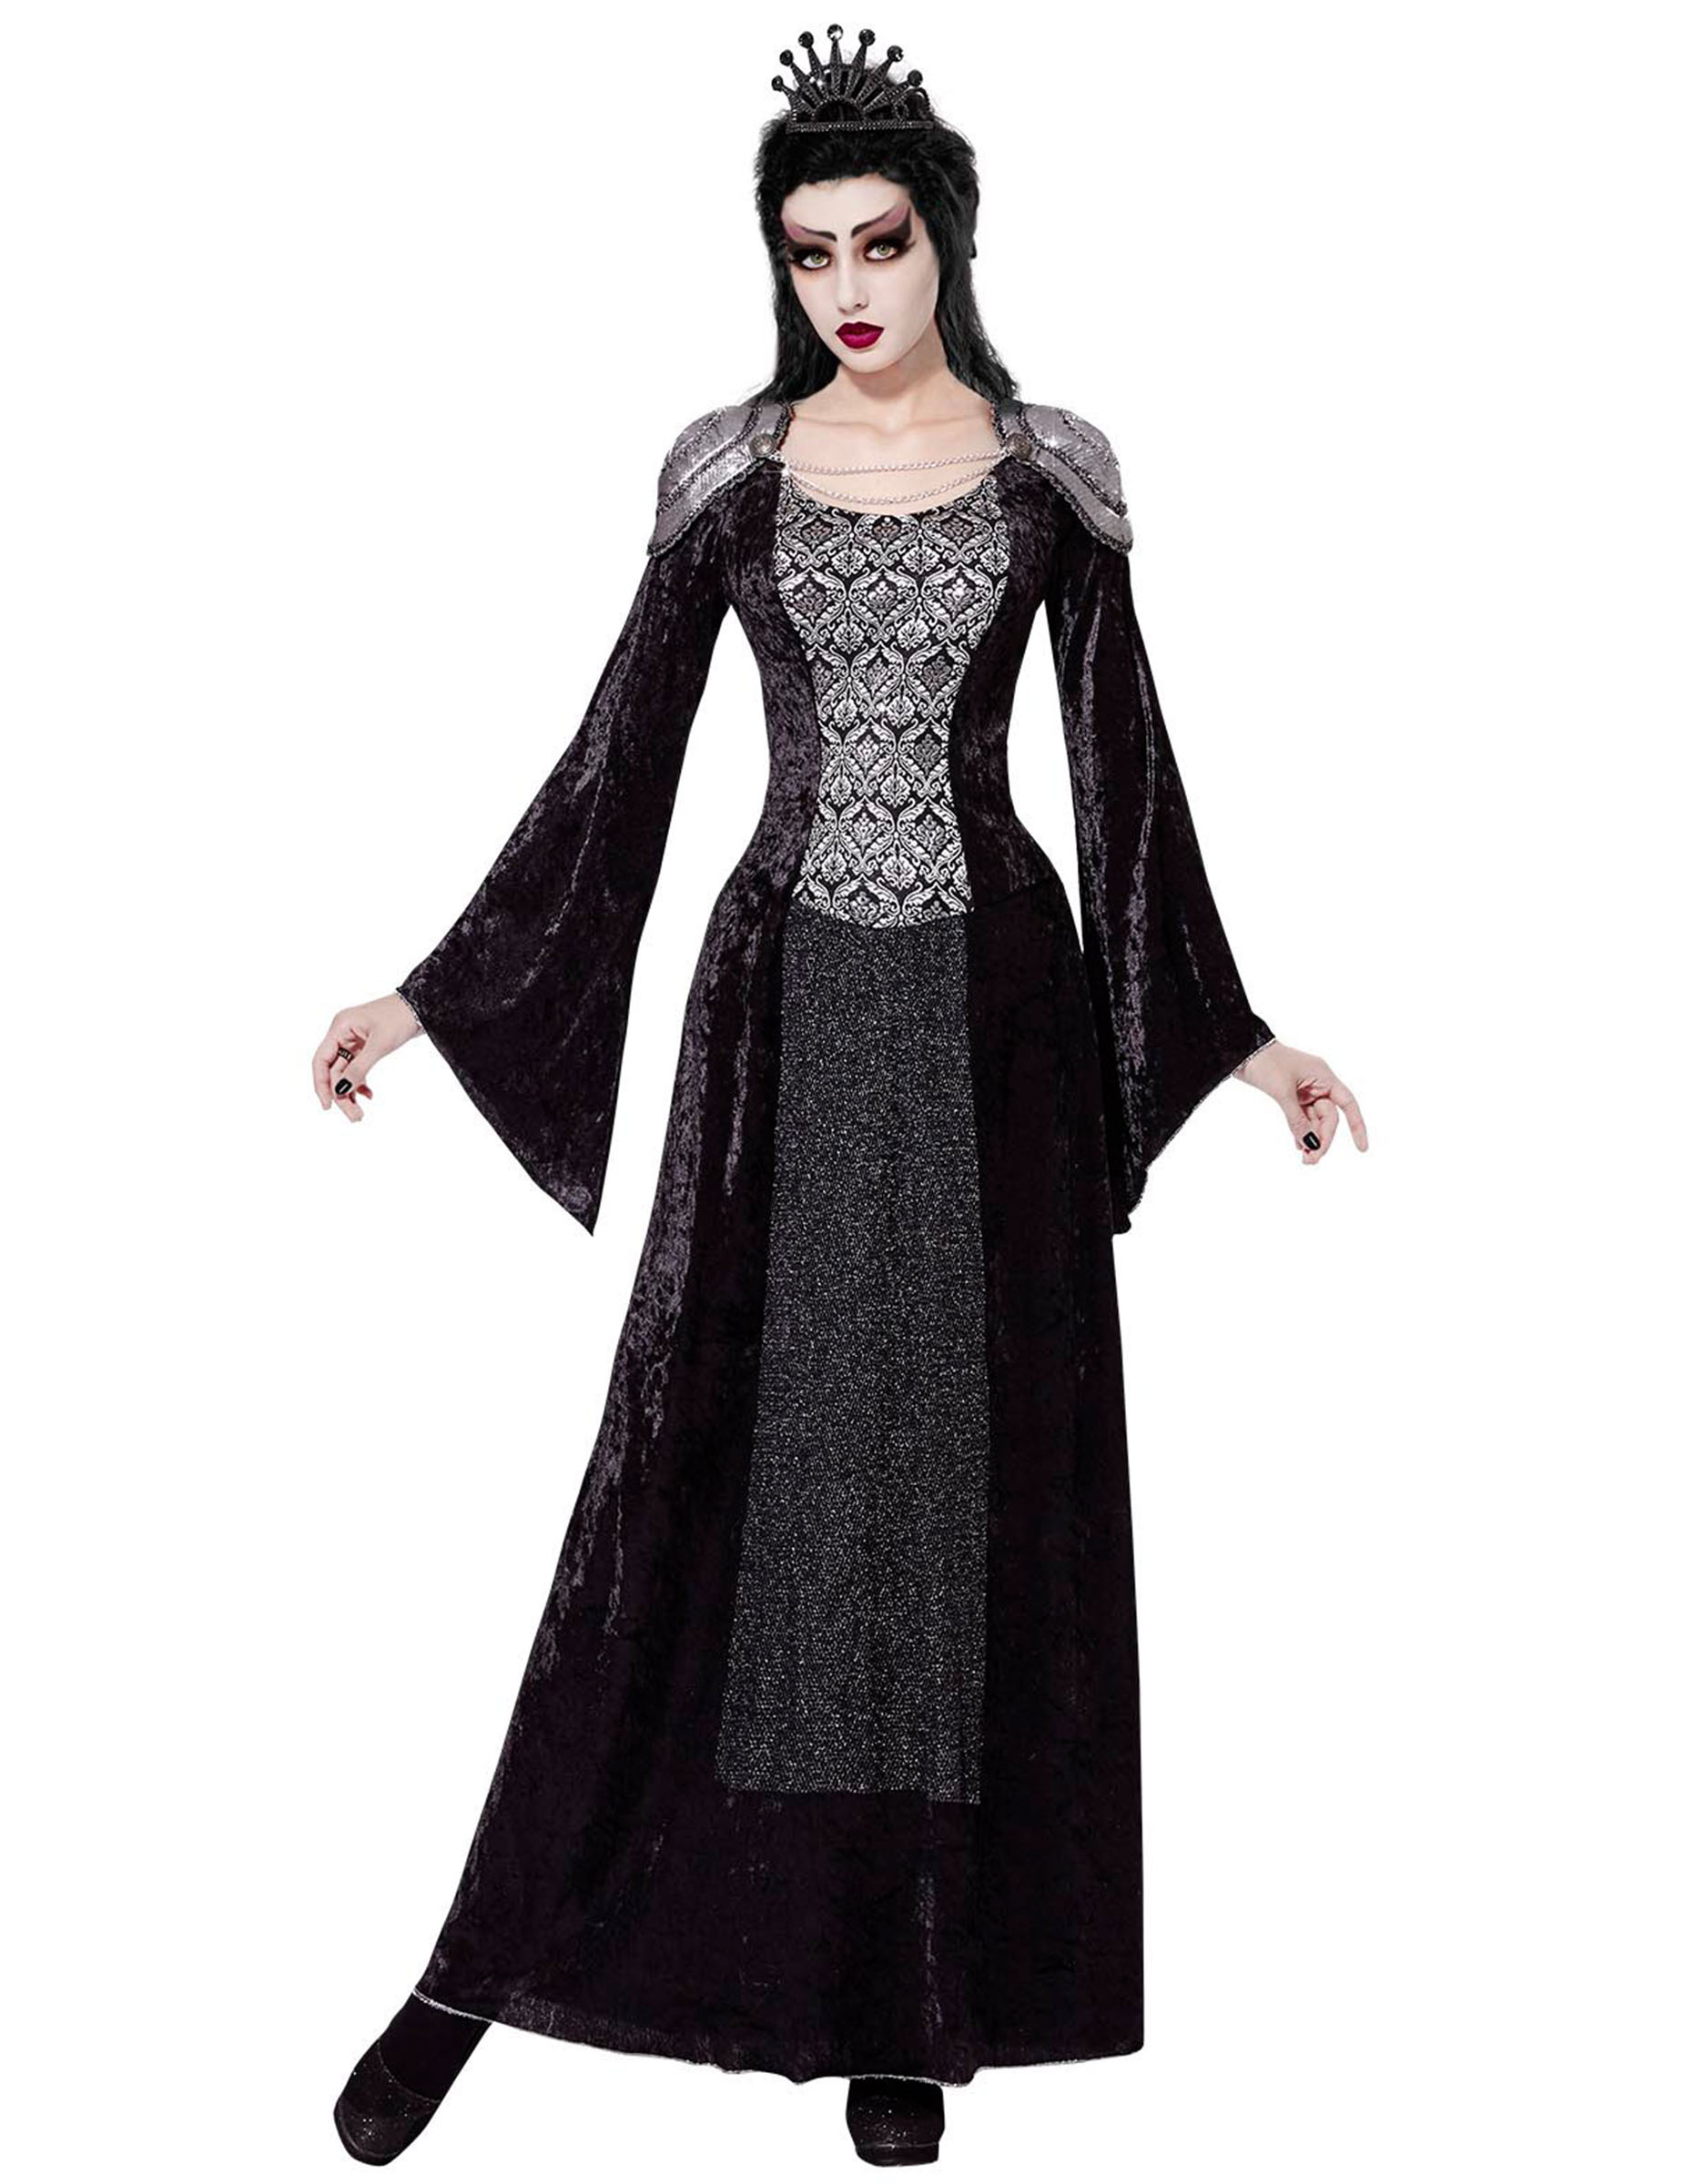 Déguisement reine sombre femme Halloween   Deguise-toi, achat de ... 663dc6d37197